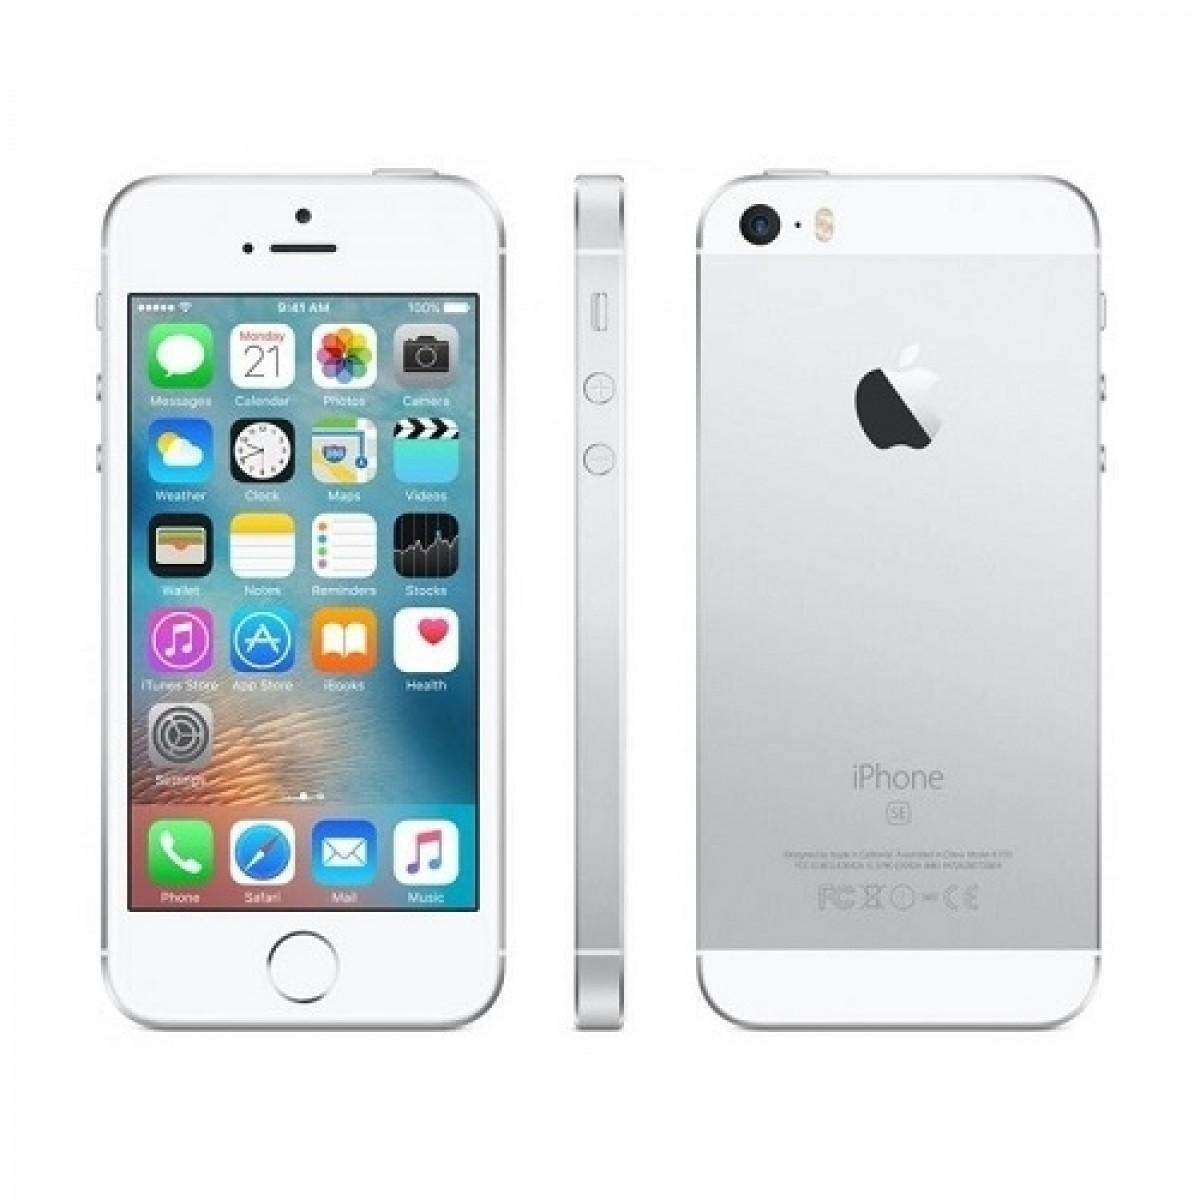 iPhone 5s/SE - Hier findest du die Reparaturen und Preise für das iPhone 5s und iPhone SE. Sollte eine von dir gesuchte Reparatur nicht aufgeführt sein. Dann melde dich einfach bei uns!